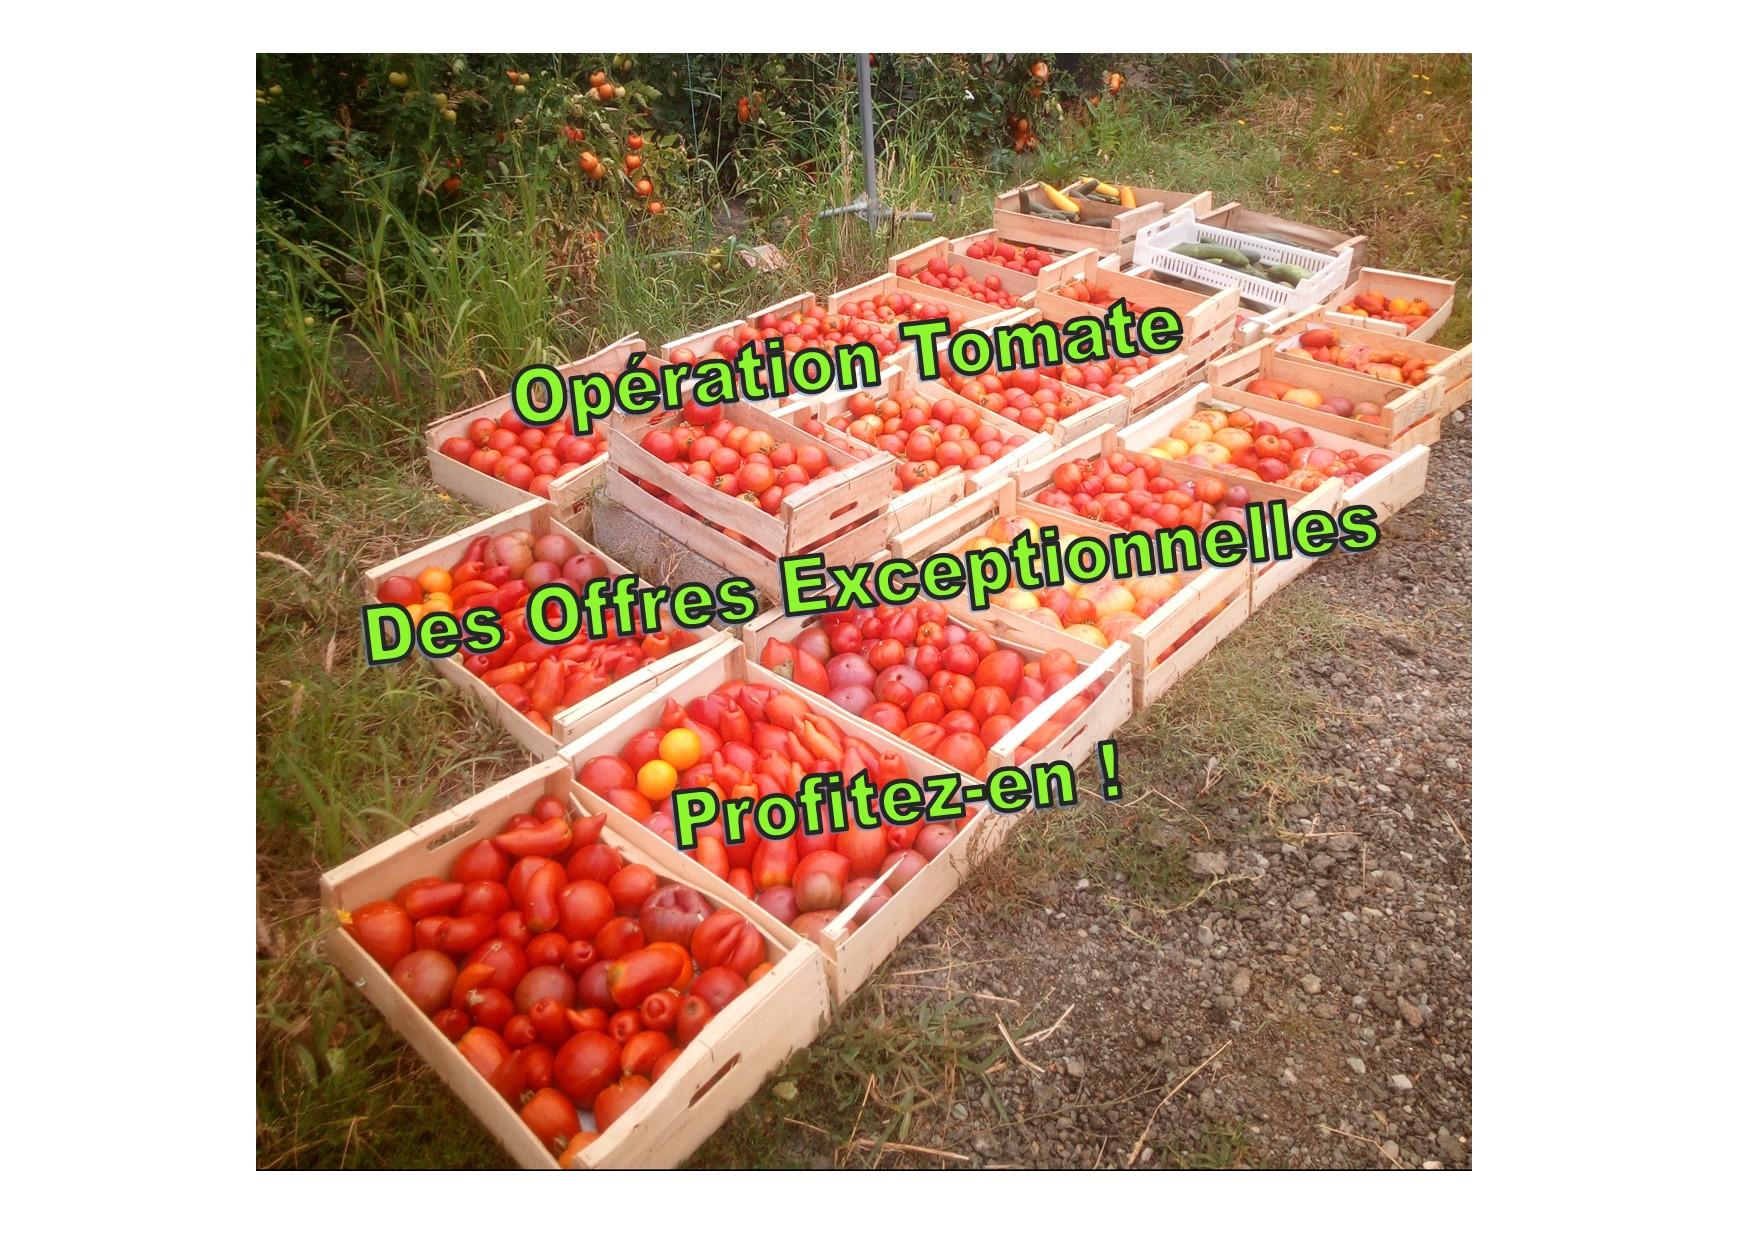 opération tomate